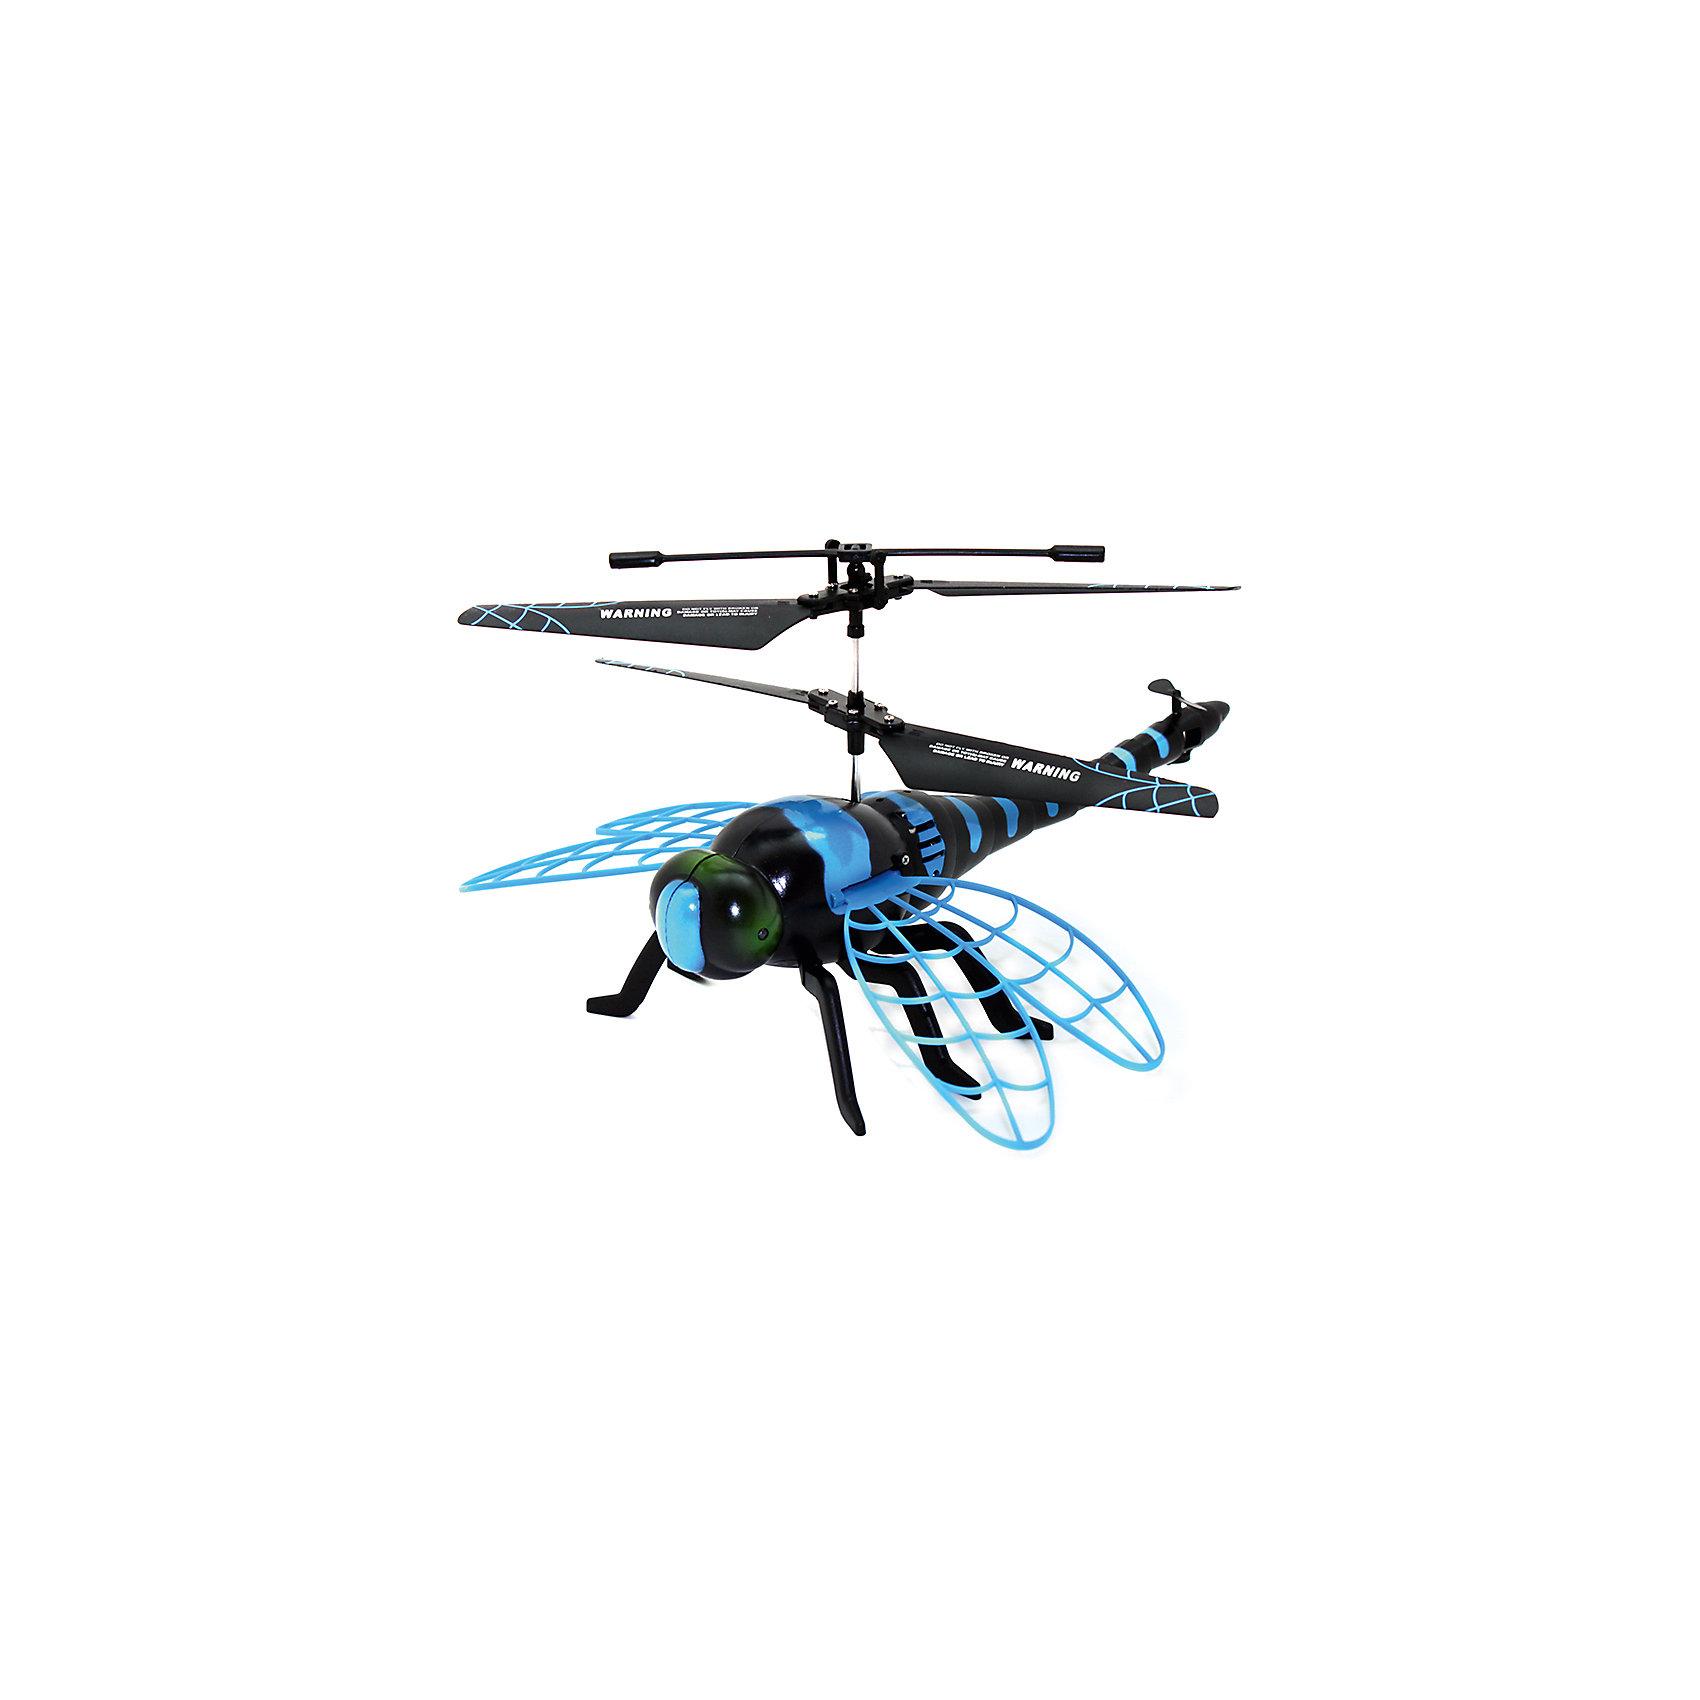 Стрекоза на ИК-управлении, ROYSНеобычная летающая стрекоза с ИК-управлением понравится и детям, и взрослым. С ней вы весело проведете время, наблюдая за ее полетами. Стрекоза интересно двигает крыльями, ее глаза светятся, что не может не порадовать ребенка. Зарядки хватает на 10 минут, игрушка заряжается при помощи USB или пульта дистанционного управления. Радиус полета - 15 метров. Забавная стрекоза - отличное решение для интересного времяпровождения!<br><br>Дополнительная информация:<br>Размер: 23х18х28 см<br>Батарейки: АА - 4 штуки<br>Тип управления: инфракрасное<br>Время зарядки: 25 минут<br>Материал: пластик<br>Стрекозу на ИК-управлении можно приобрести в нашем интернет-магазине.<br><br>Ширина мм: 230<br>Глубина мм: 180<br>Высота мм: 280<br>Вес г: 530<br>Возраст от месяцев: 96<br>Возраст до месяцев: 1188<br>Пол: Унисекс<br>Возраст: Детский<br>SKU: 4944583